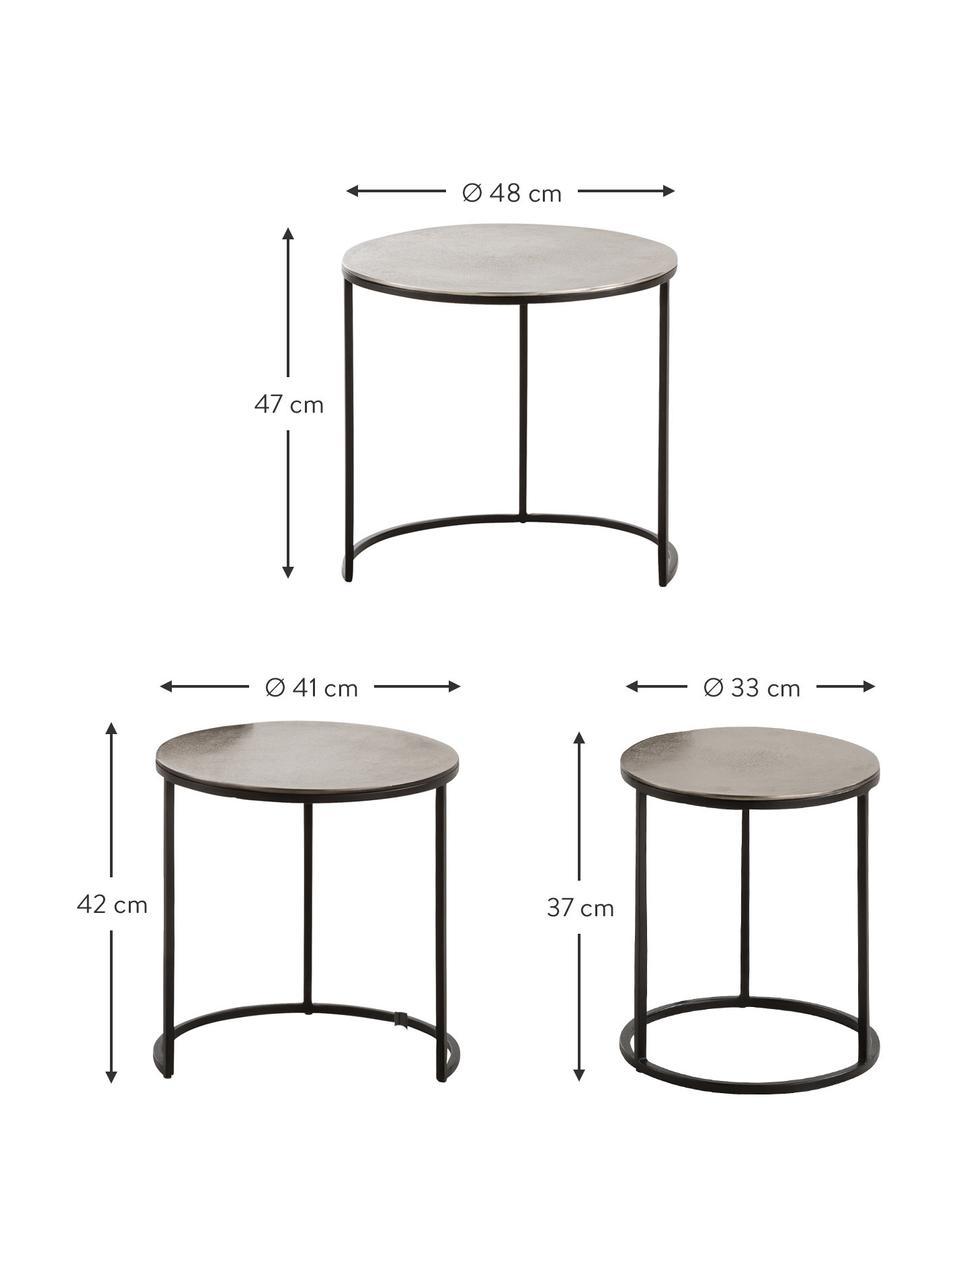 Bijzettafelsset Scott met zilveren tafelblad, 3-delig, Tafelblad: gecoat aluminium, Frame: gelakt metaal, Aluminium, zwart, Set met verschillende formaten